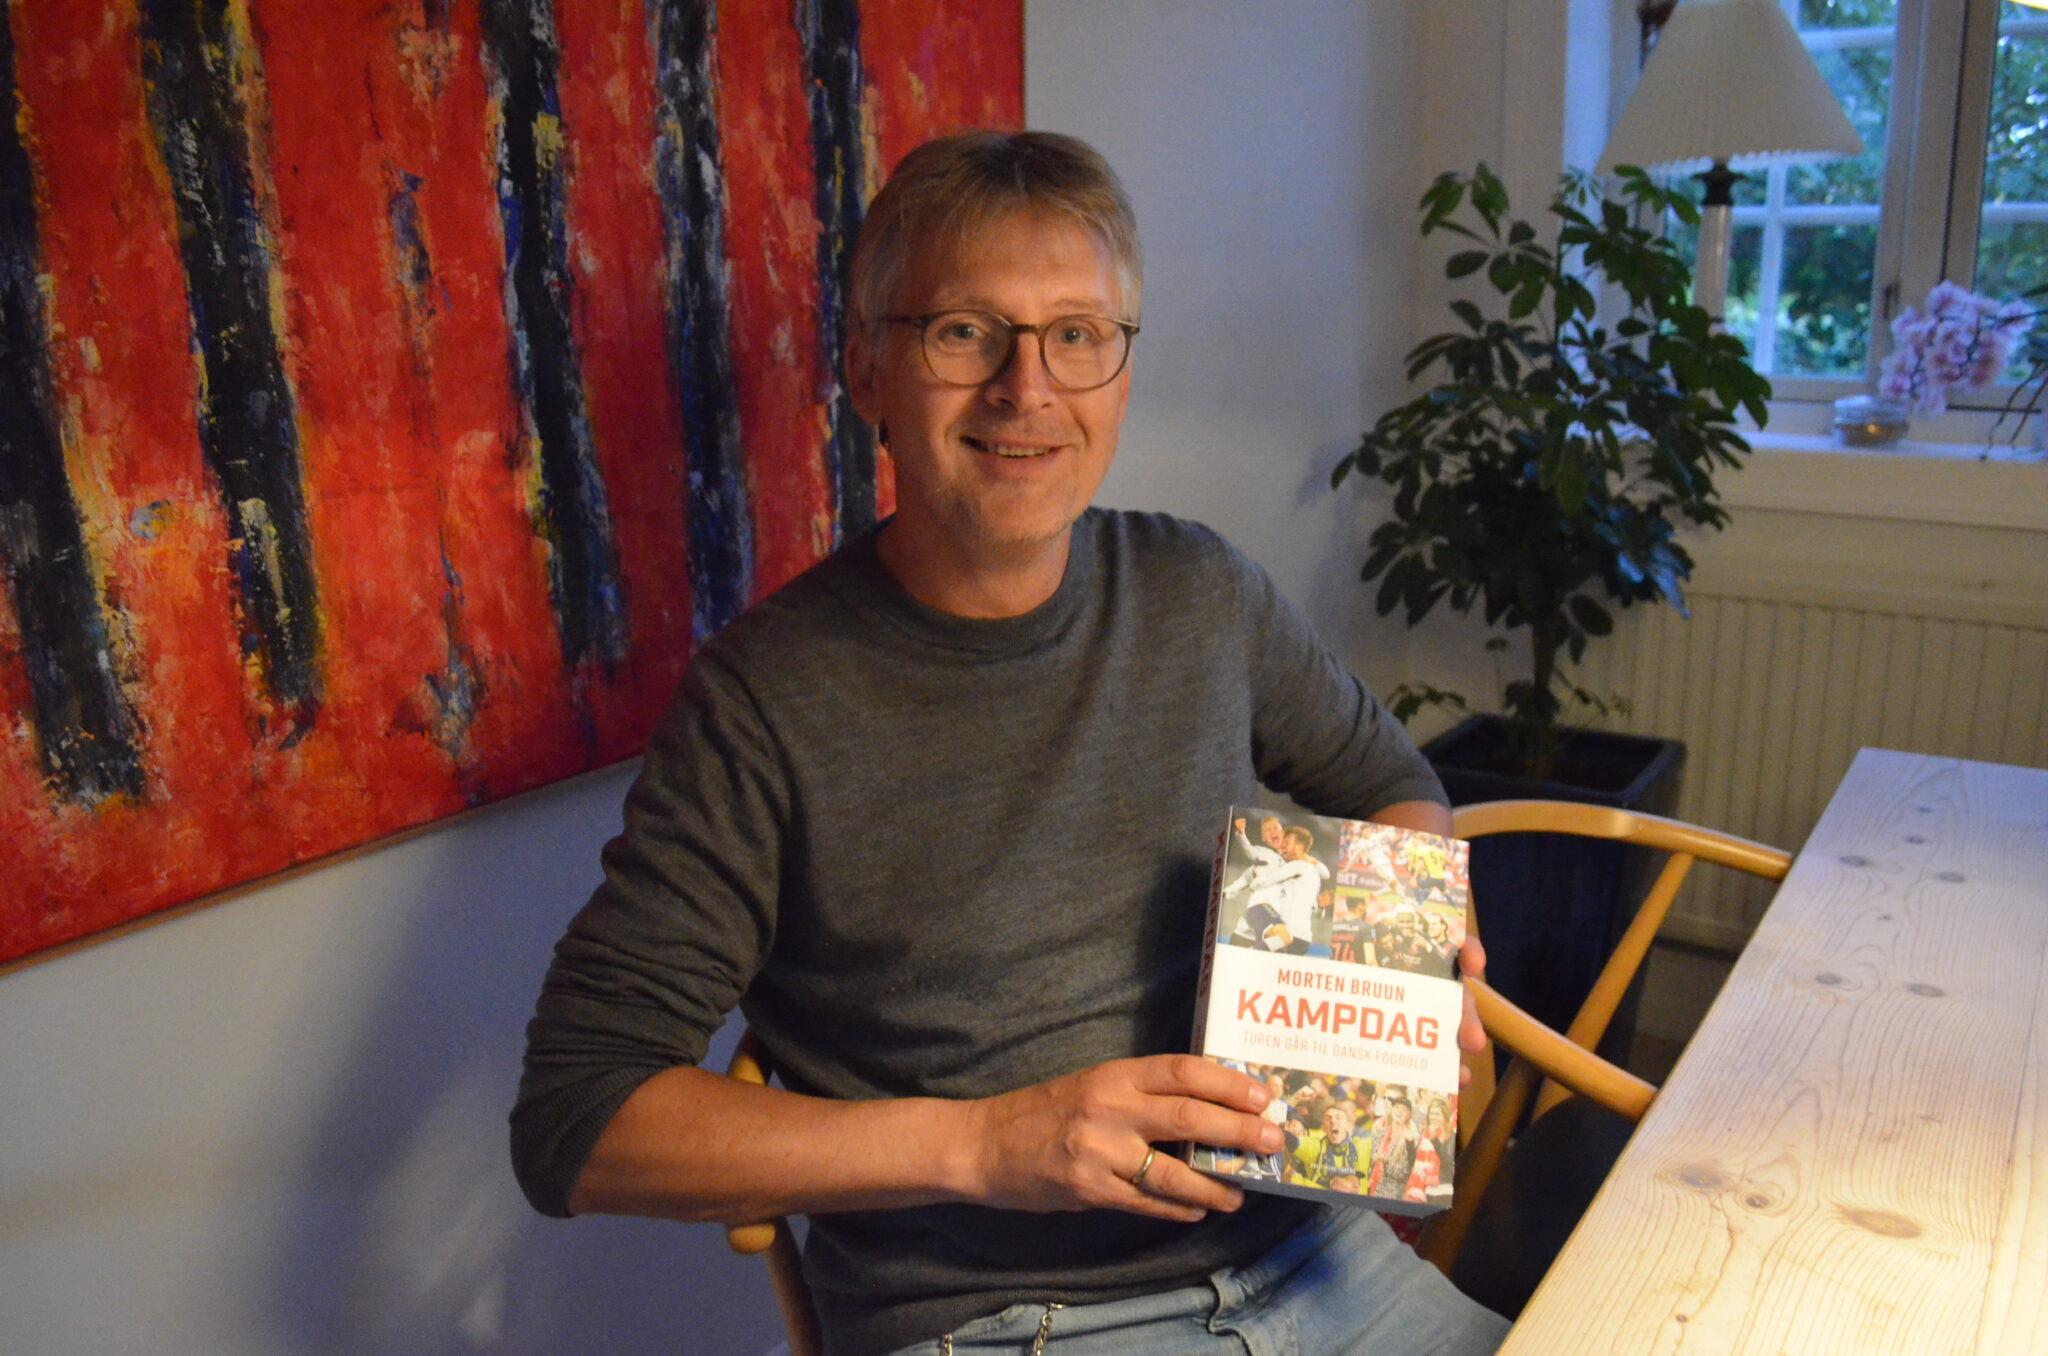 """Journalist og fodboldekspert Morten Bruun er ude med sin nye bog """"Kampdag"""", der tager læseren med til og helt tæt på 43 danske fodboldklubber og deres historie. (Foto: DTU)"""